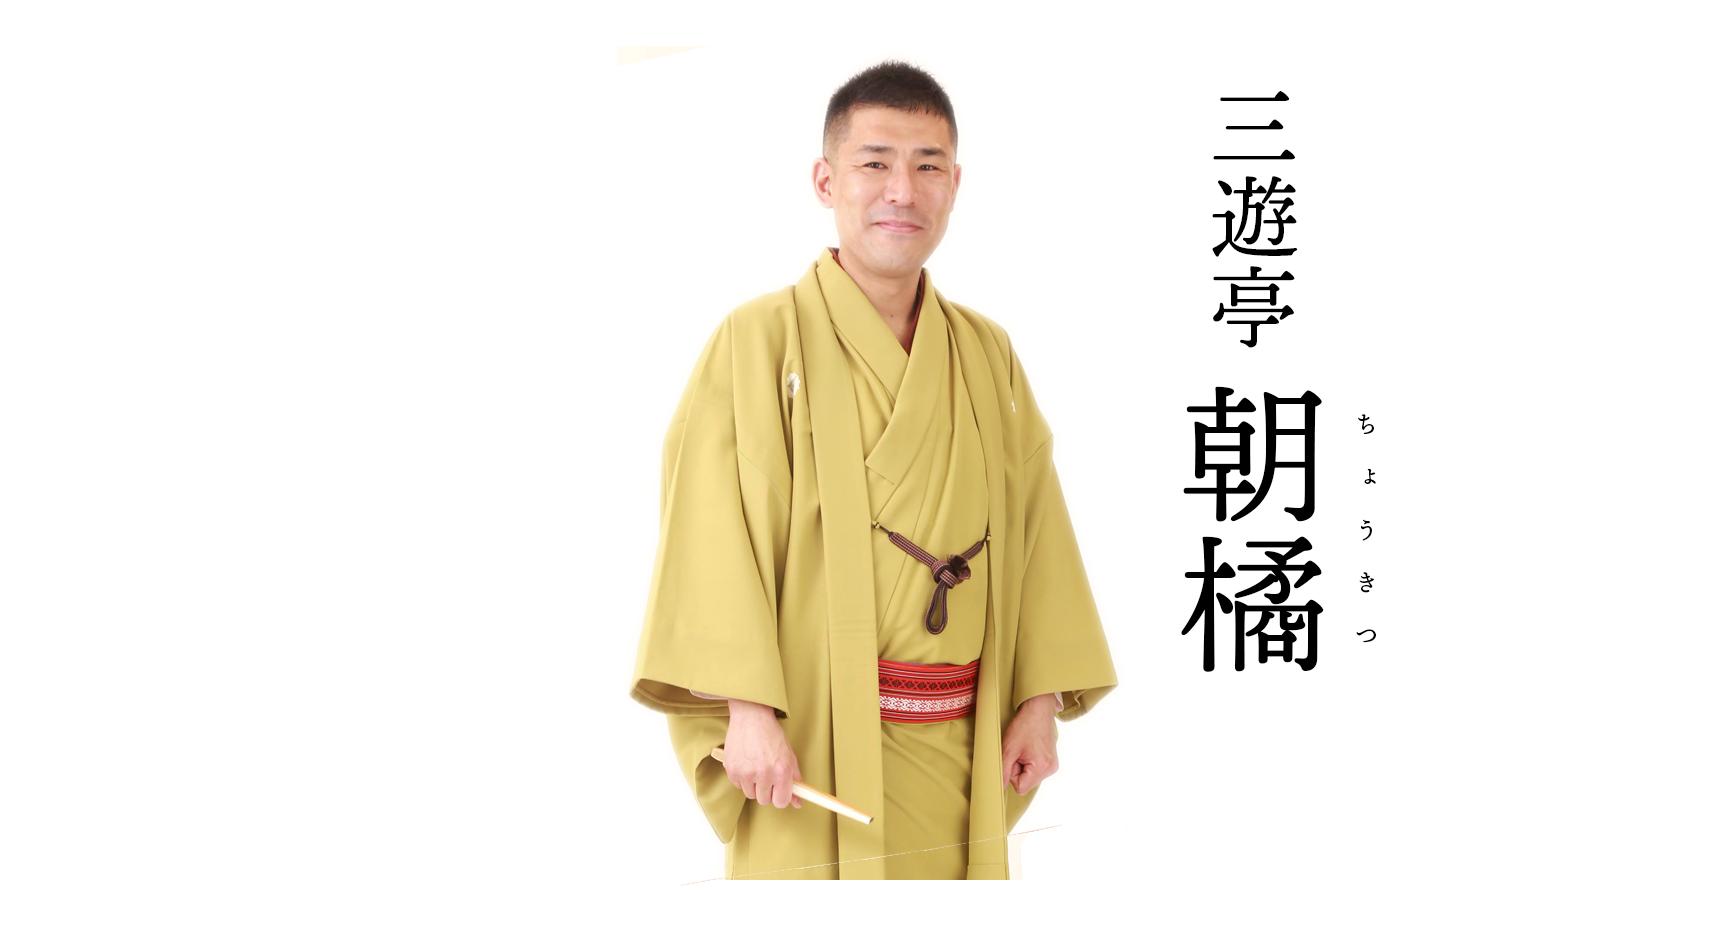 三遊亭朝橘 公式ウェブサイト